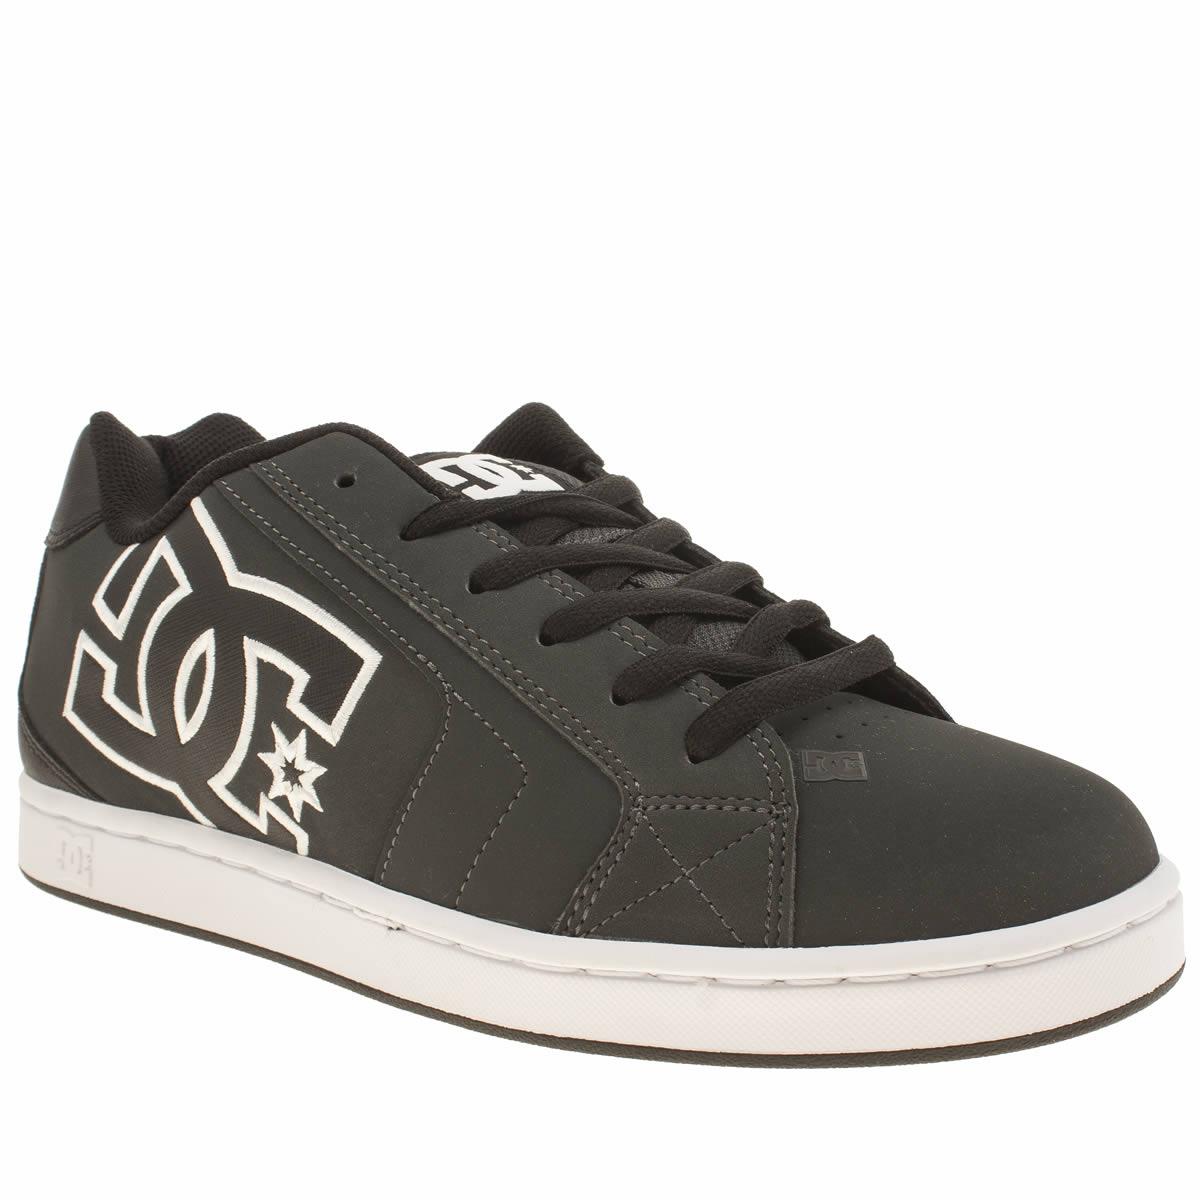 dc shoes Dc Shoes Grey & Black Net Trainers